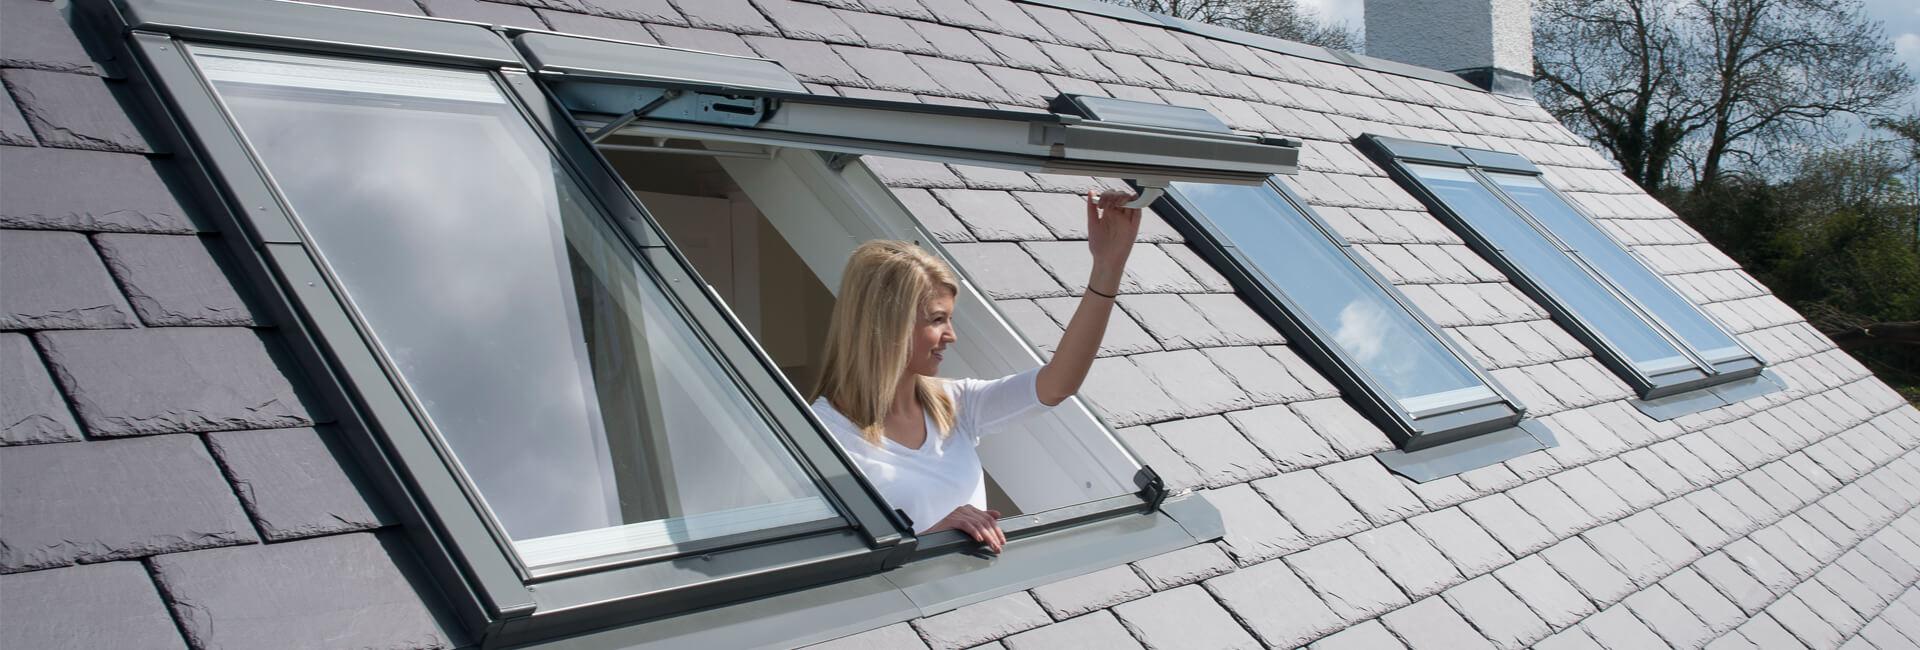 okno na dach duze